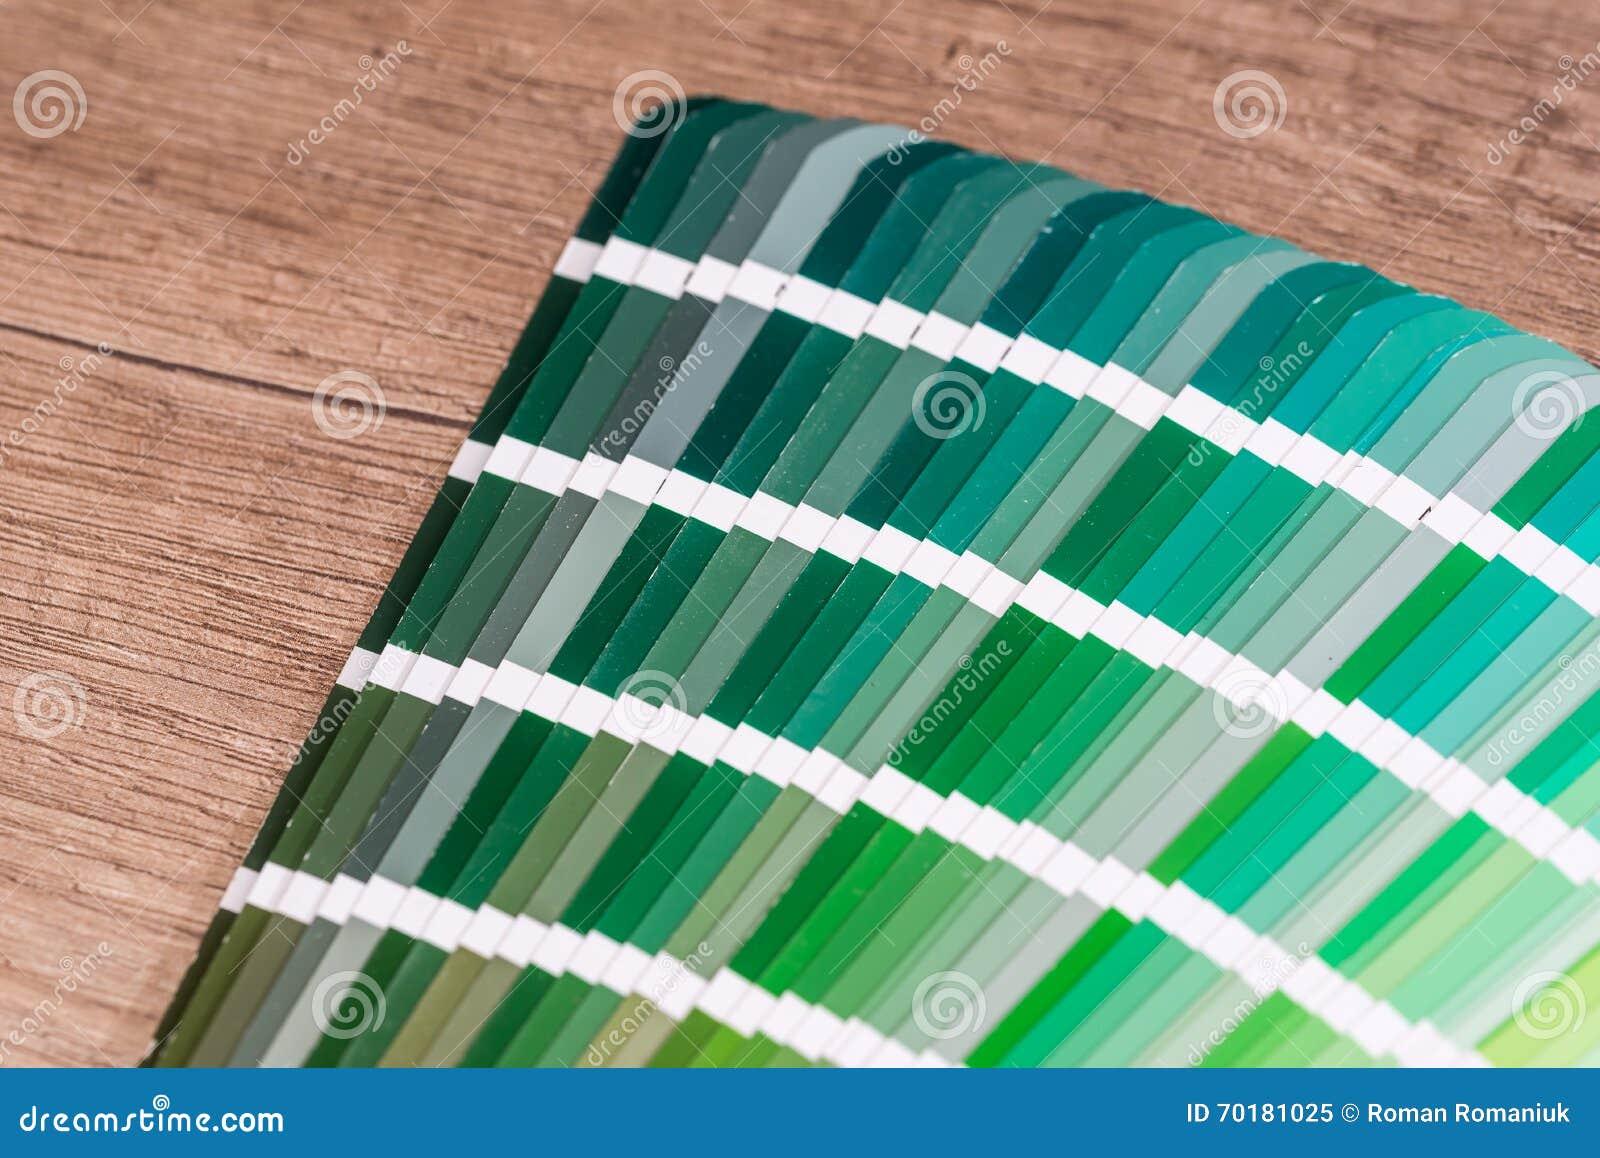 Prövkopiadiagram för grön färg